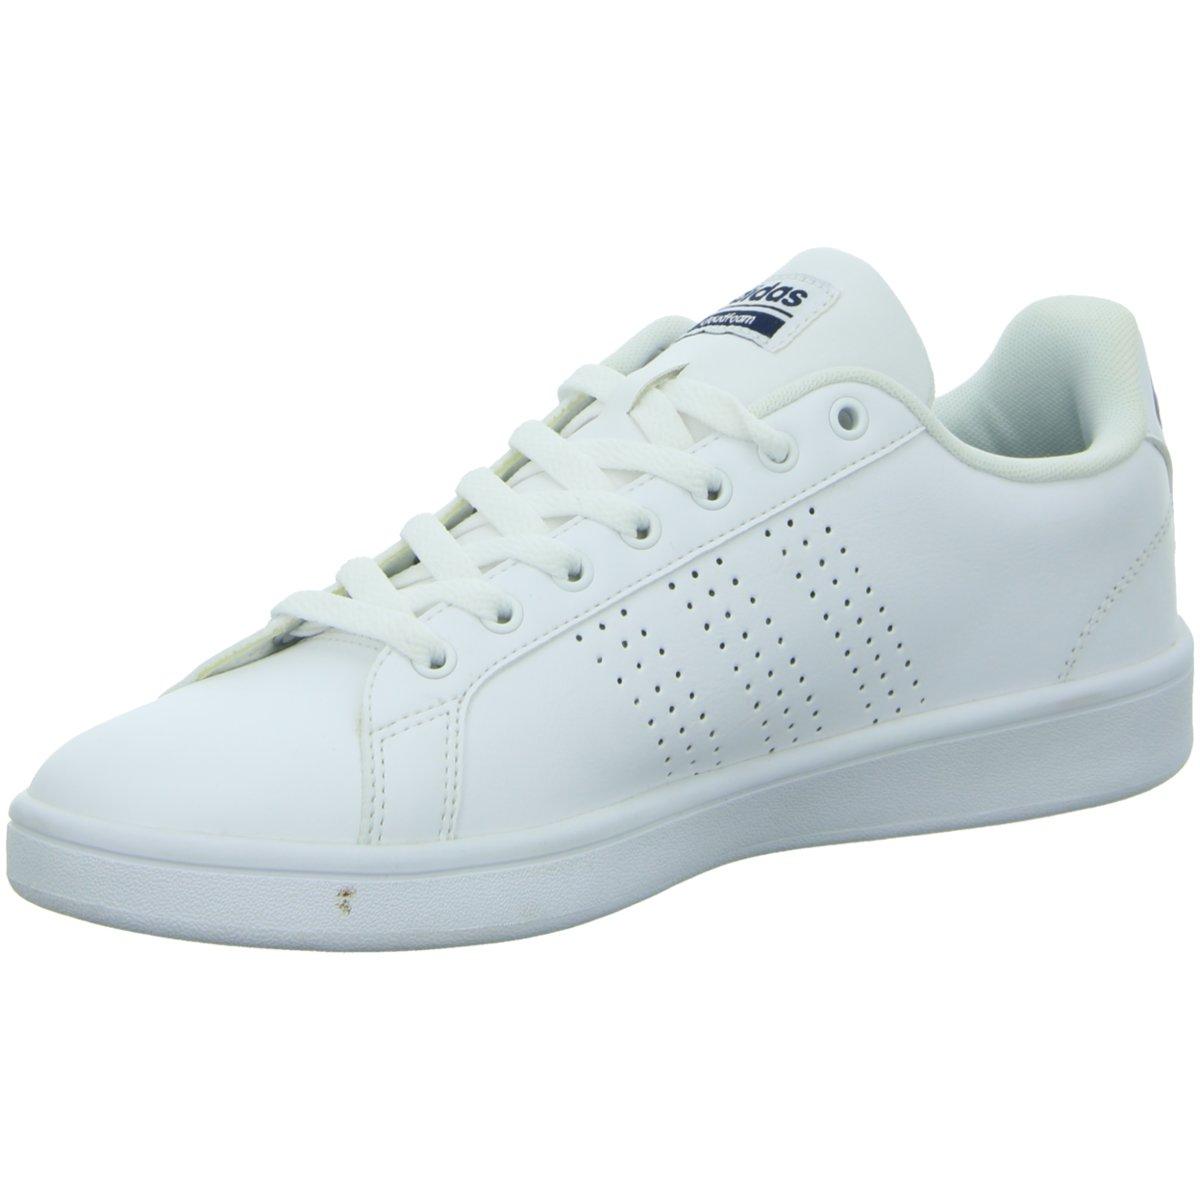 Details zu adidas Herren Sneaker CF ADVANTAGE CL BB9624 weiß 313210